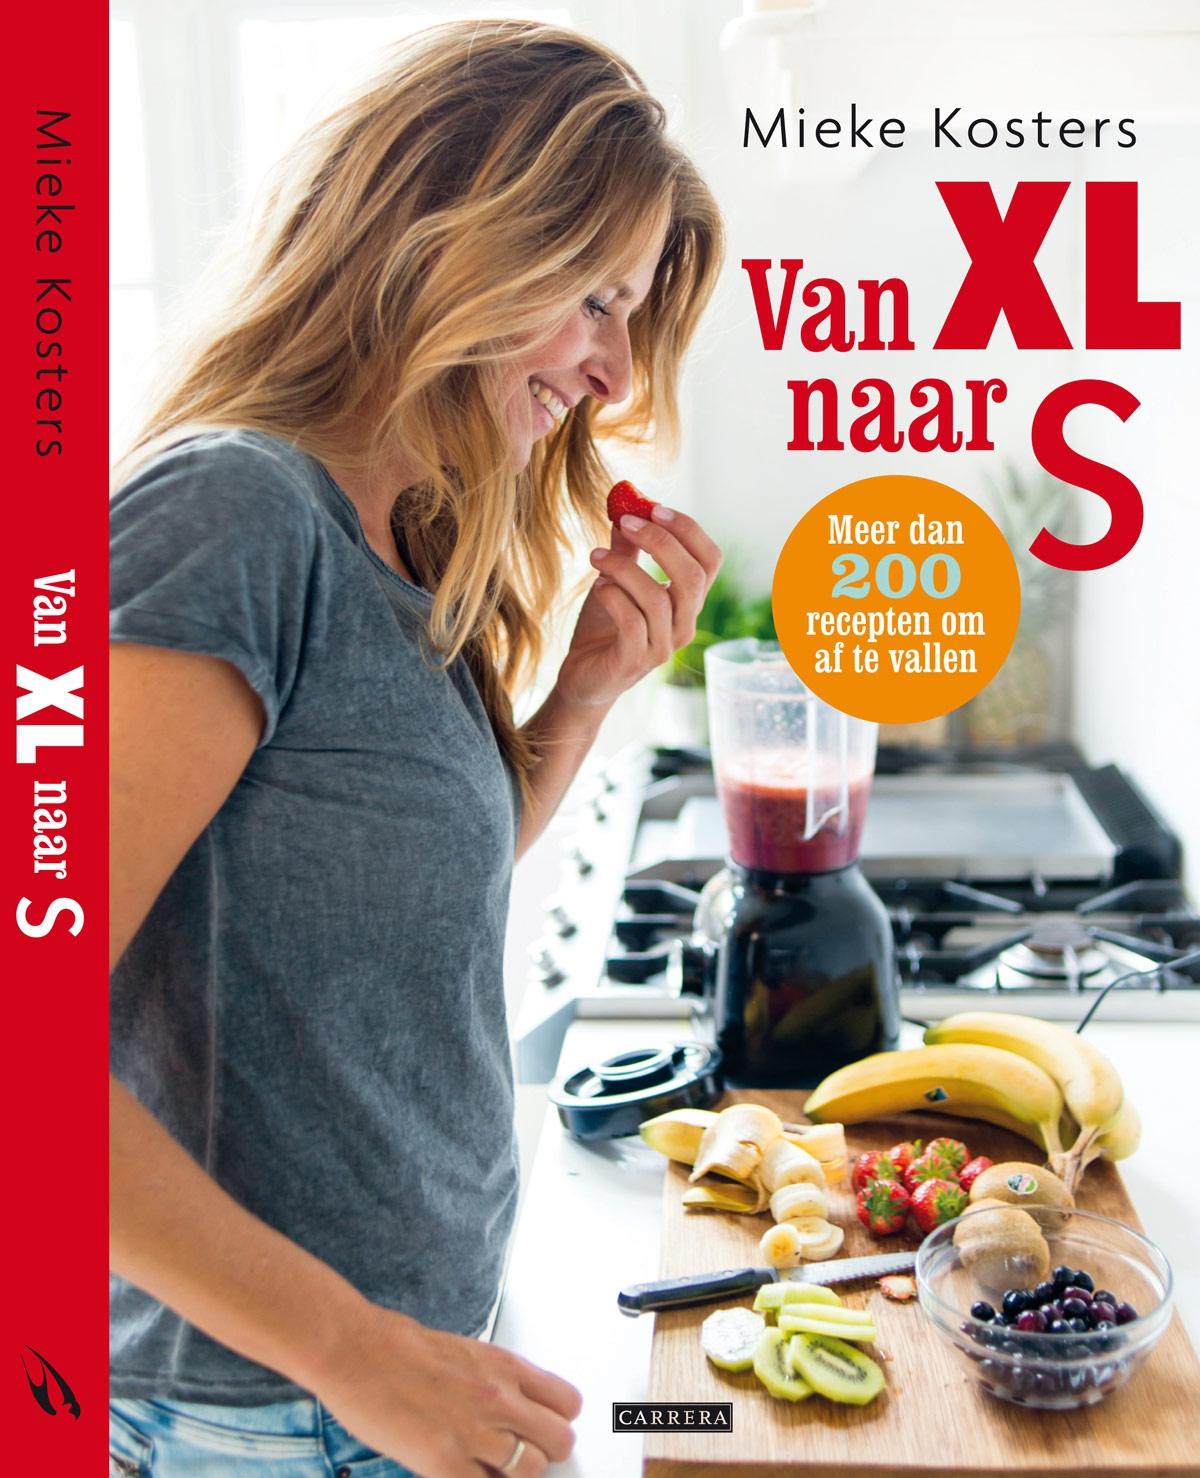 Het eerste kookboek van Mieke Kosters: Van XL naar S